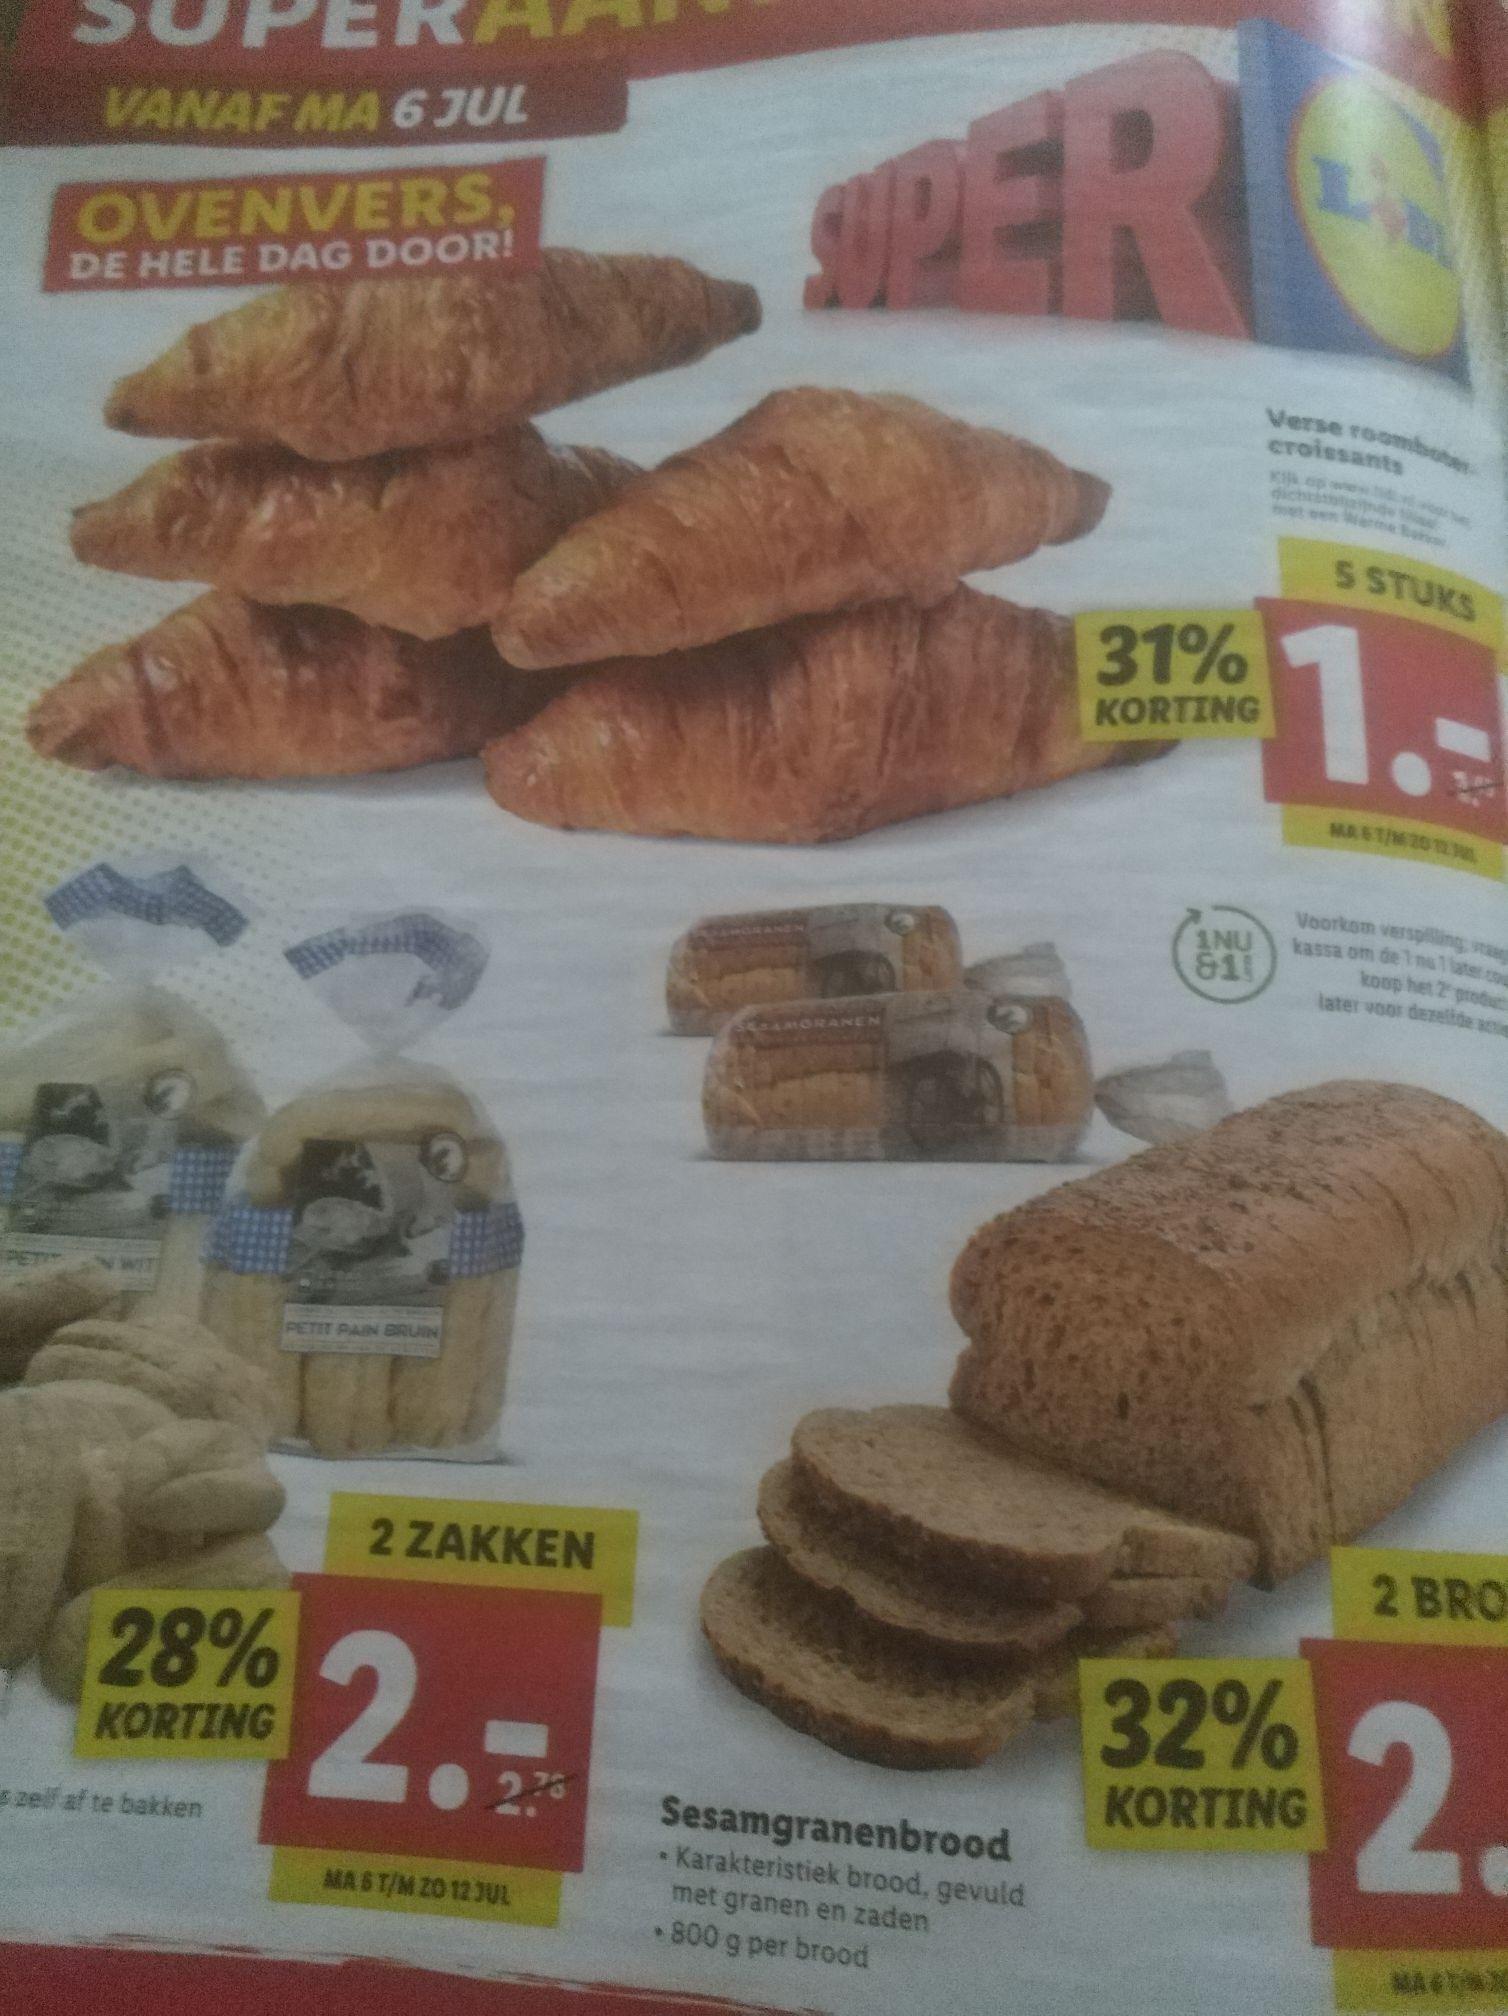 5 roomboter croissants voor €1 bij Lidl